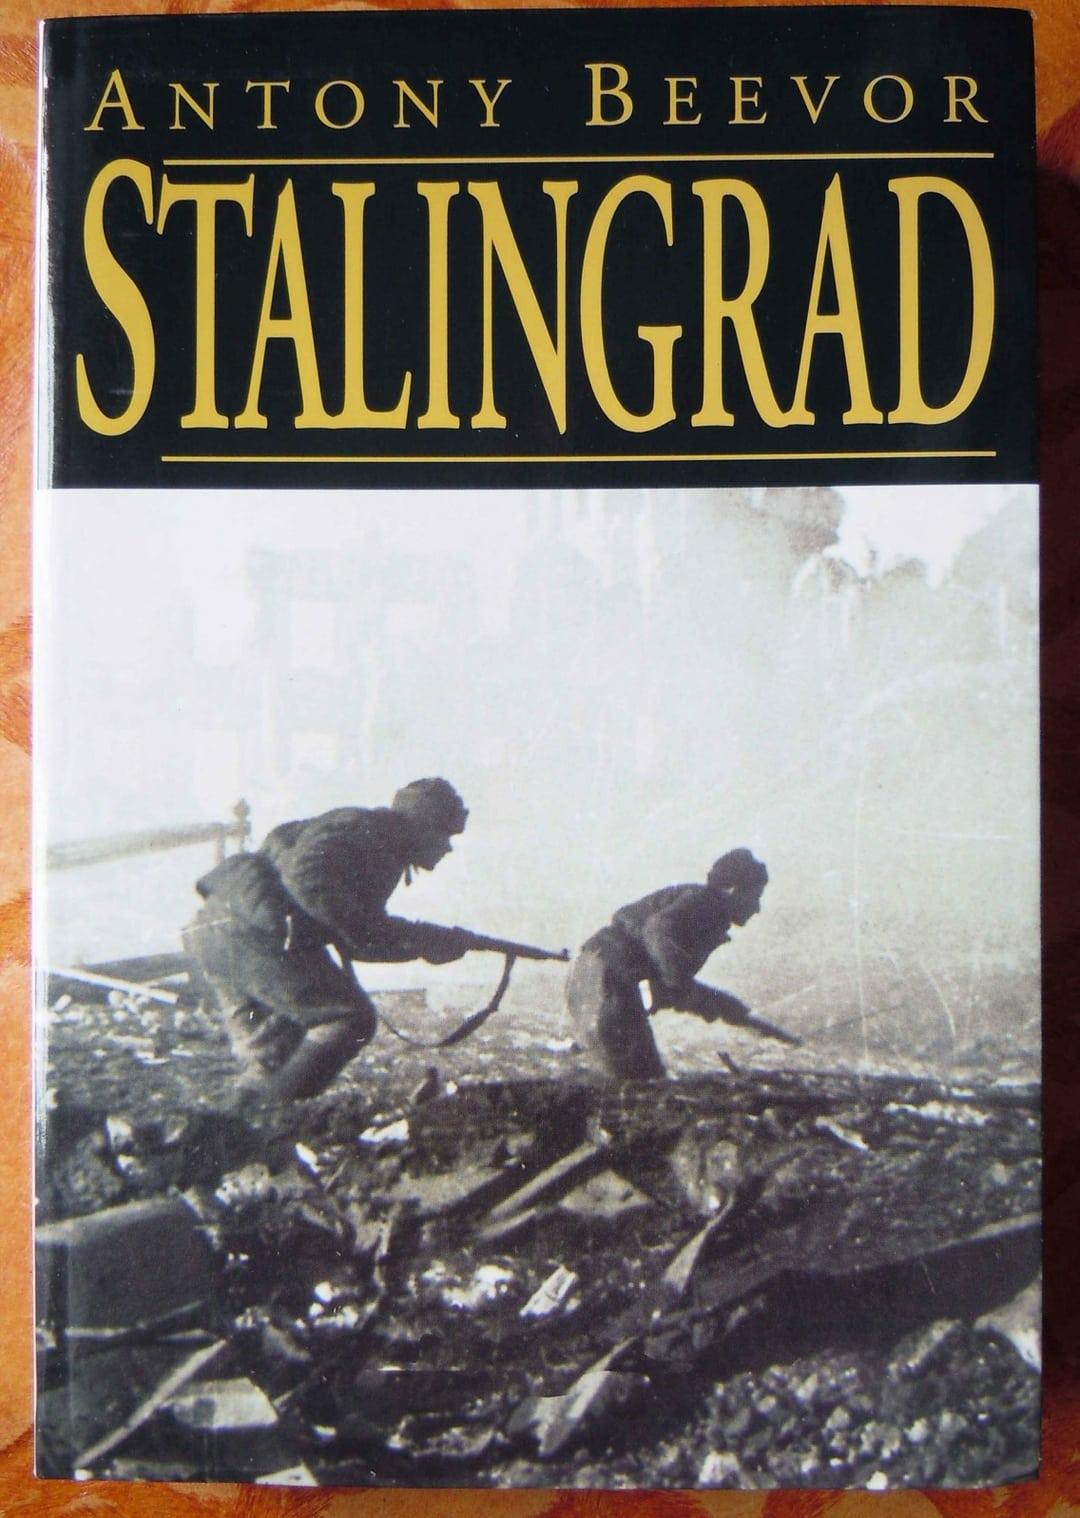 antony beevor stalingrad håndværker dating